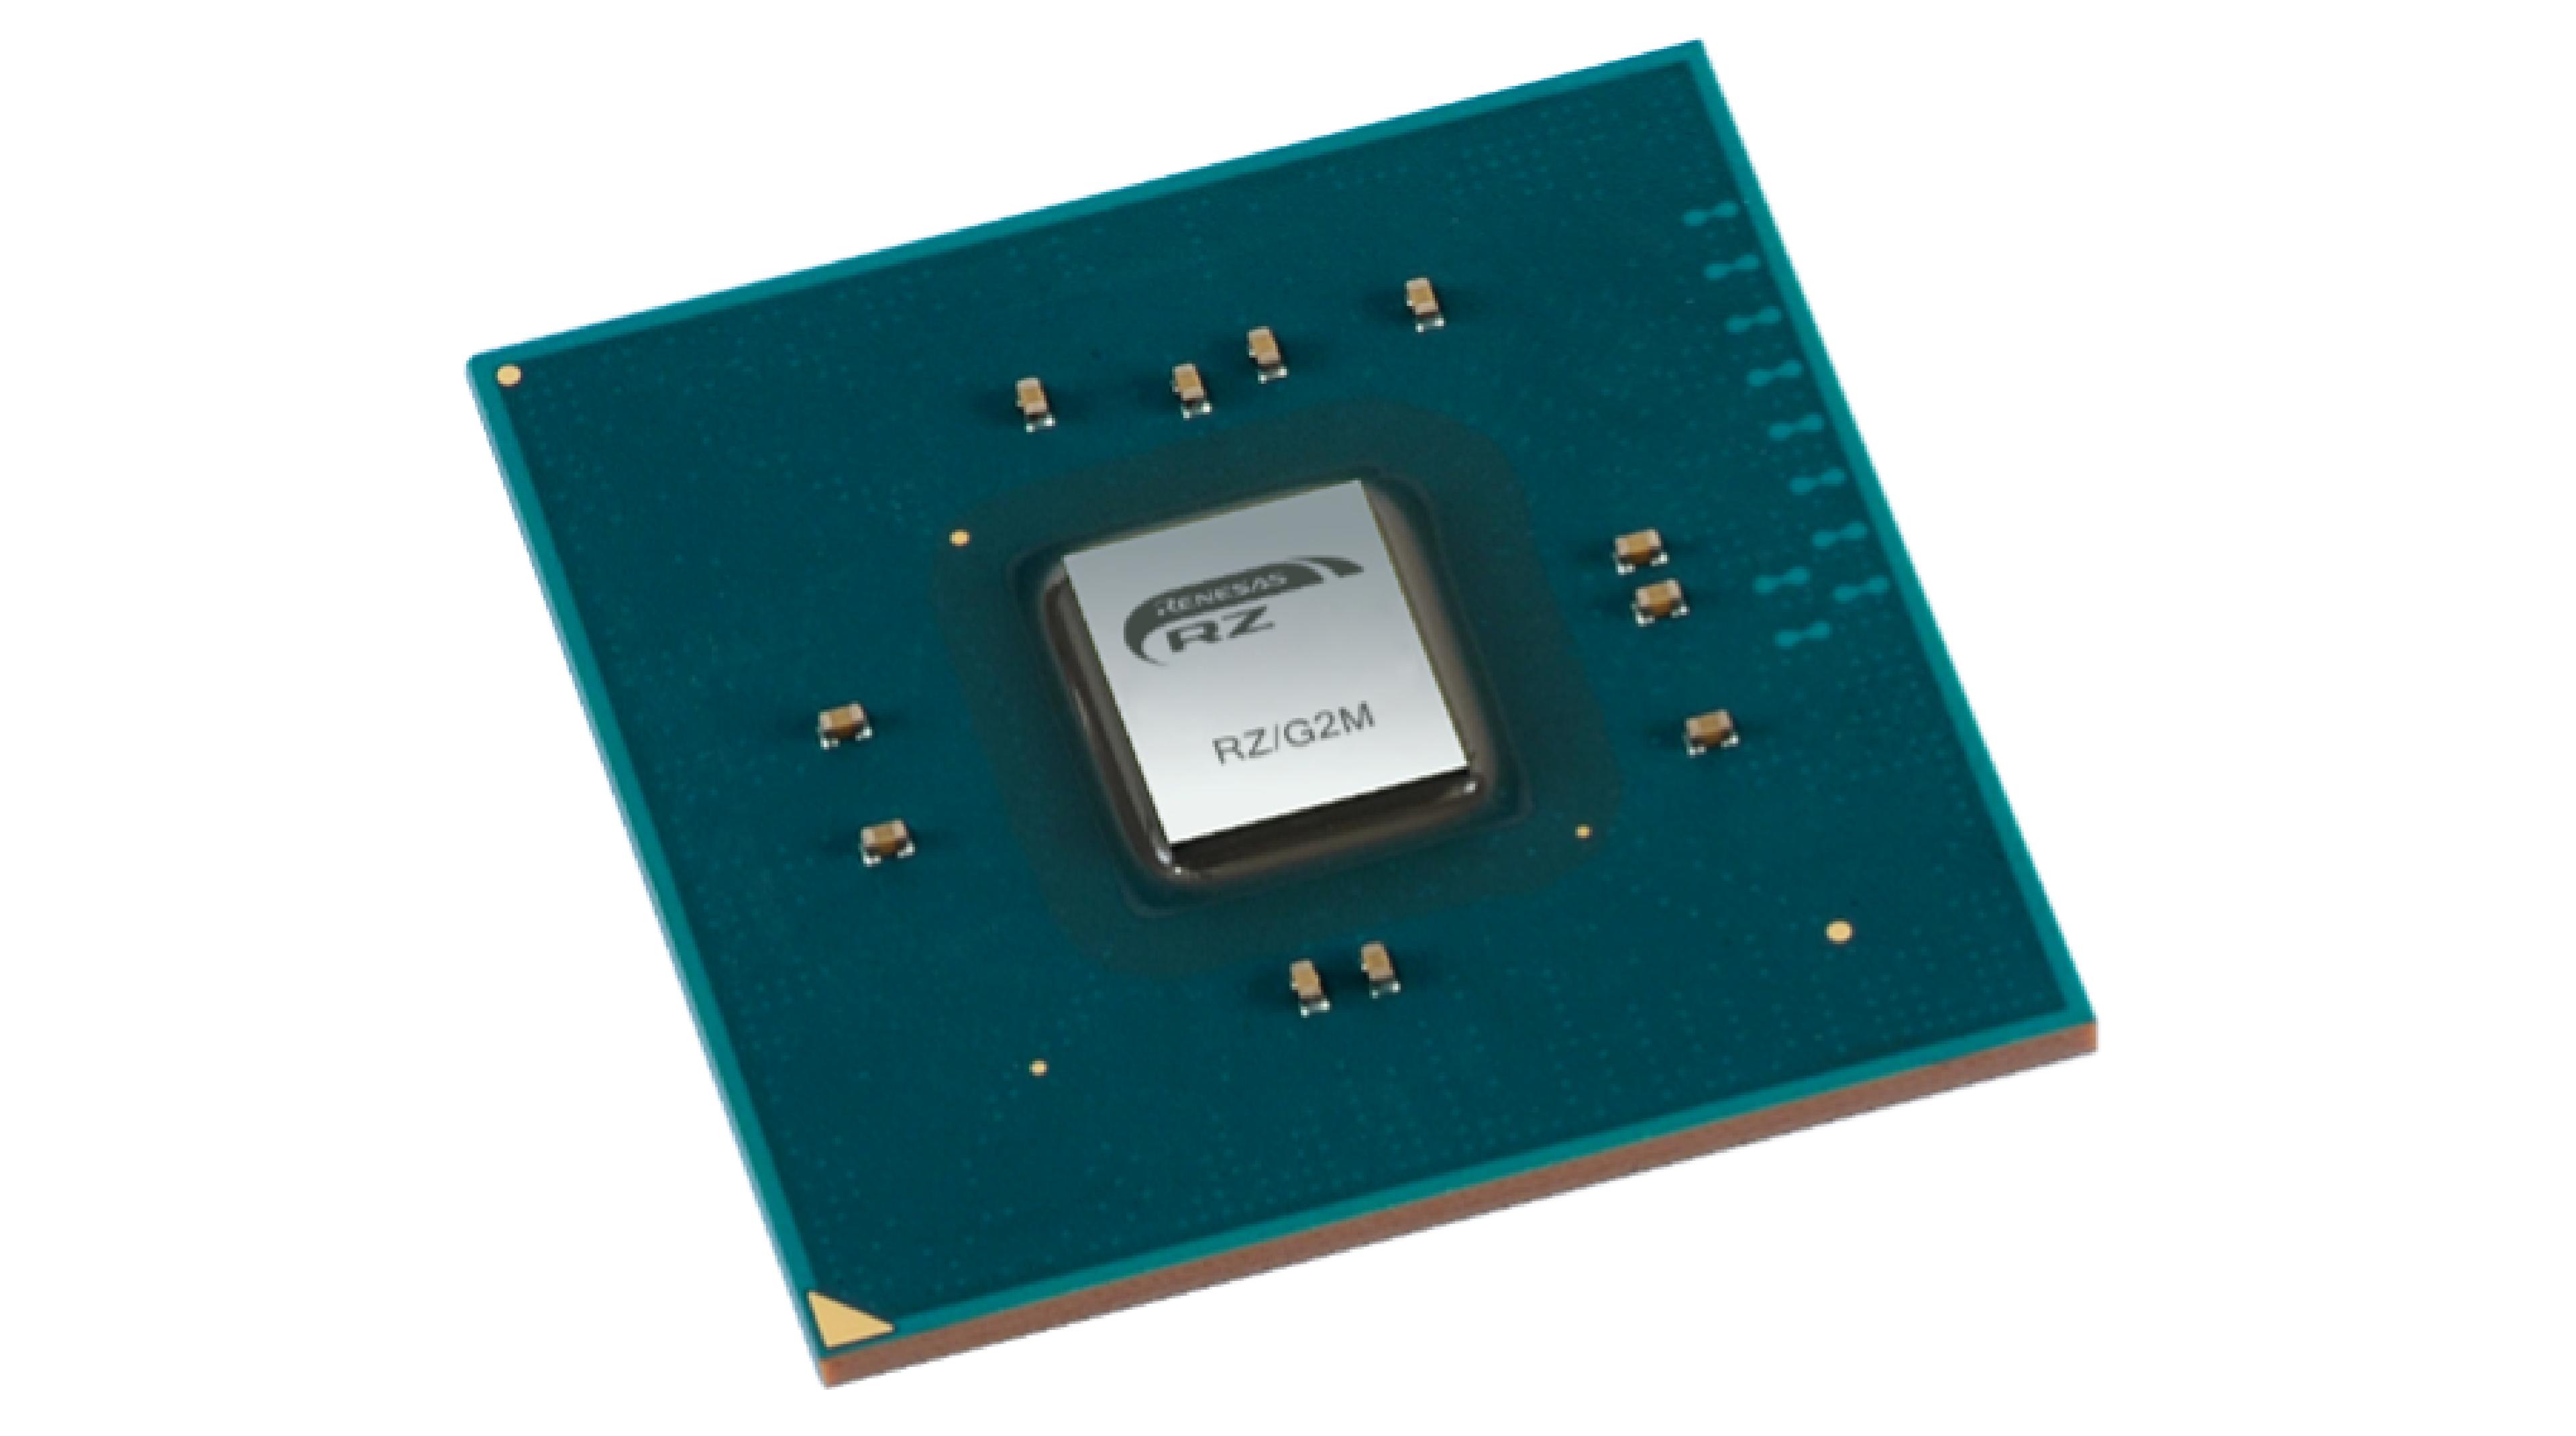 CDJ-3000 MPU chip